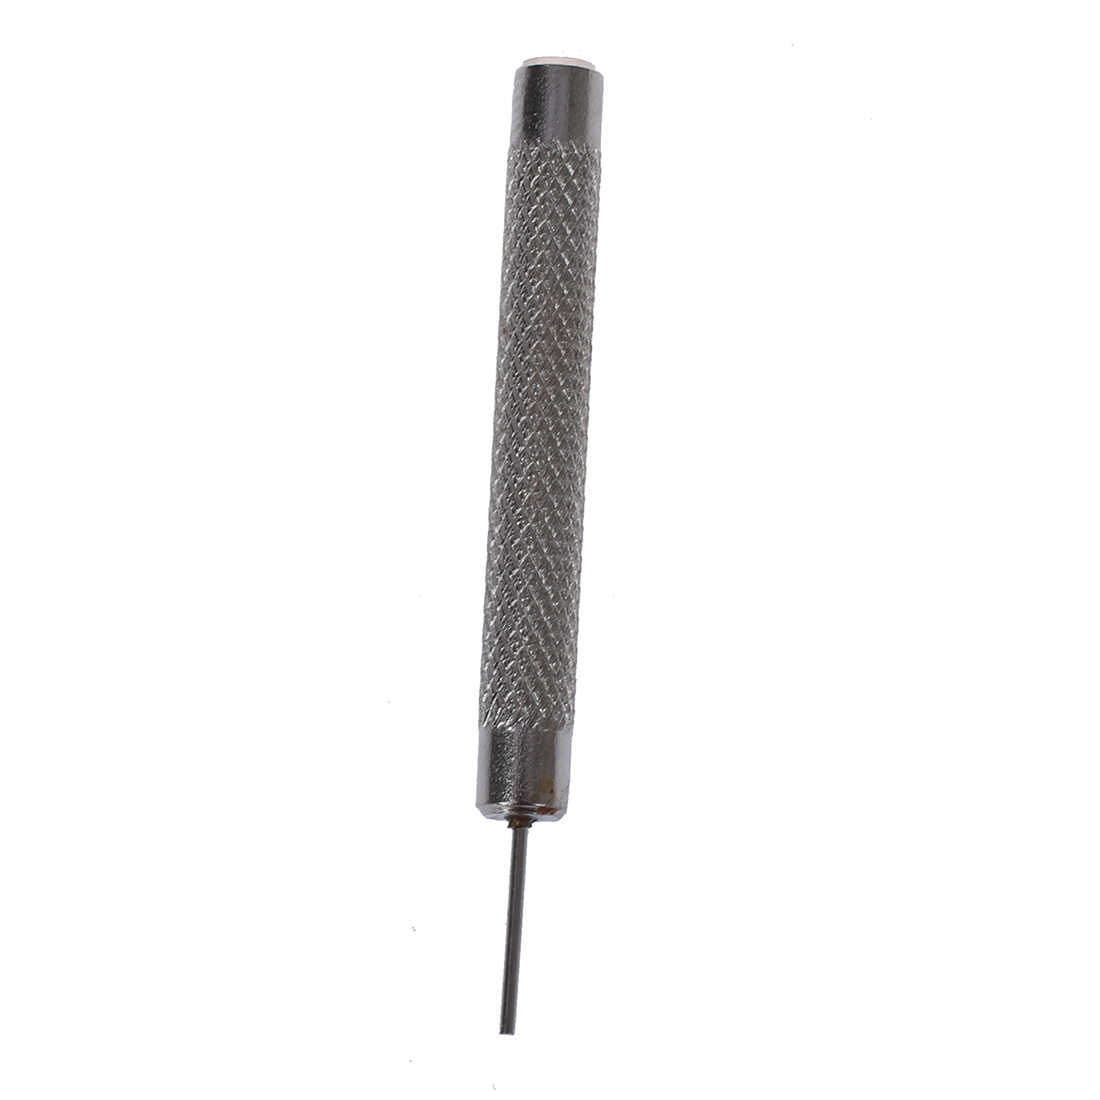 דיוק פין Remover עט מסחטות כלים שען עבור צמידי מתכת שעון רצועת השעון 0.7